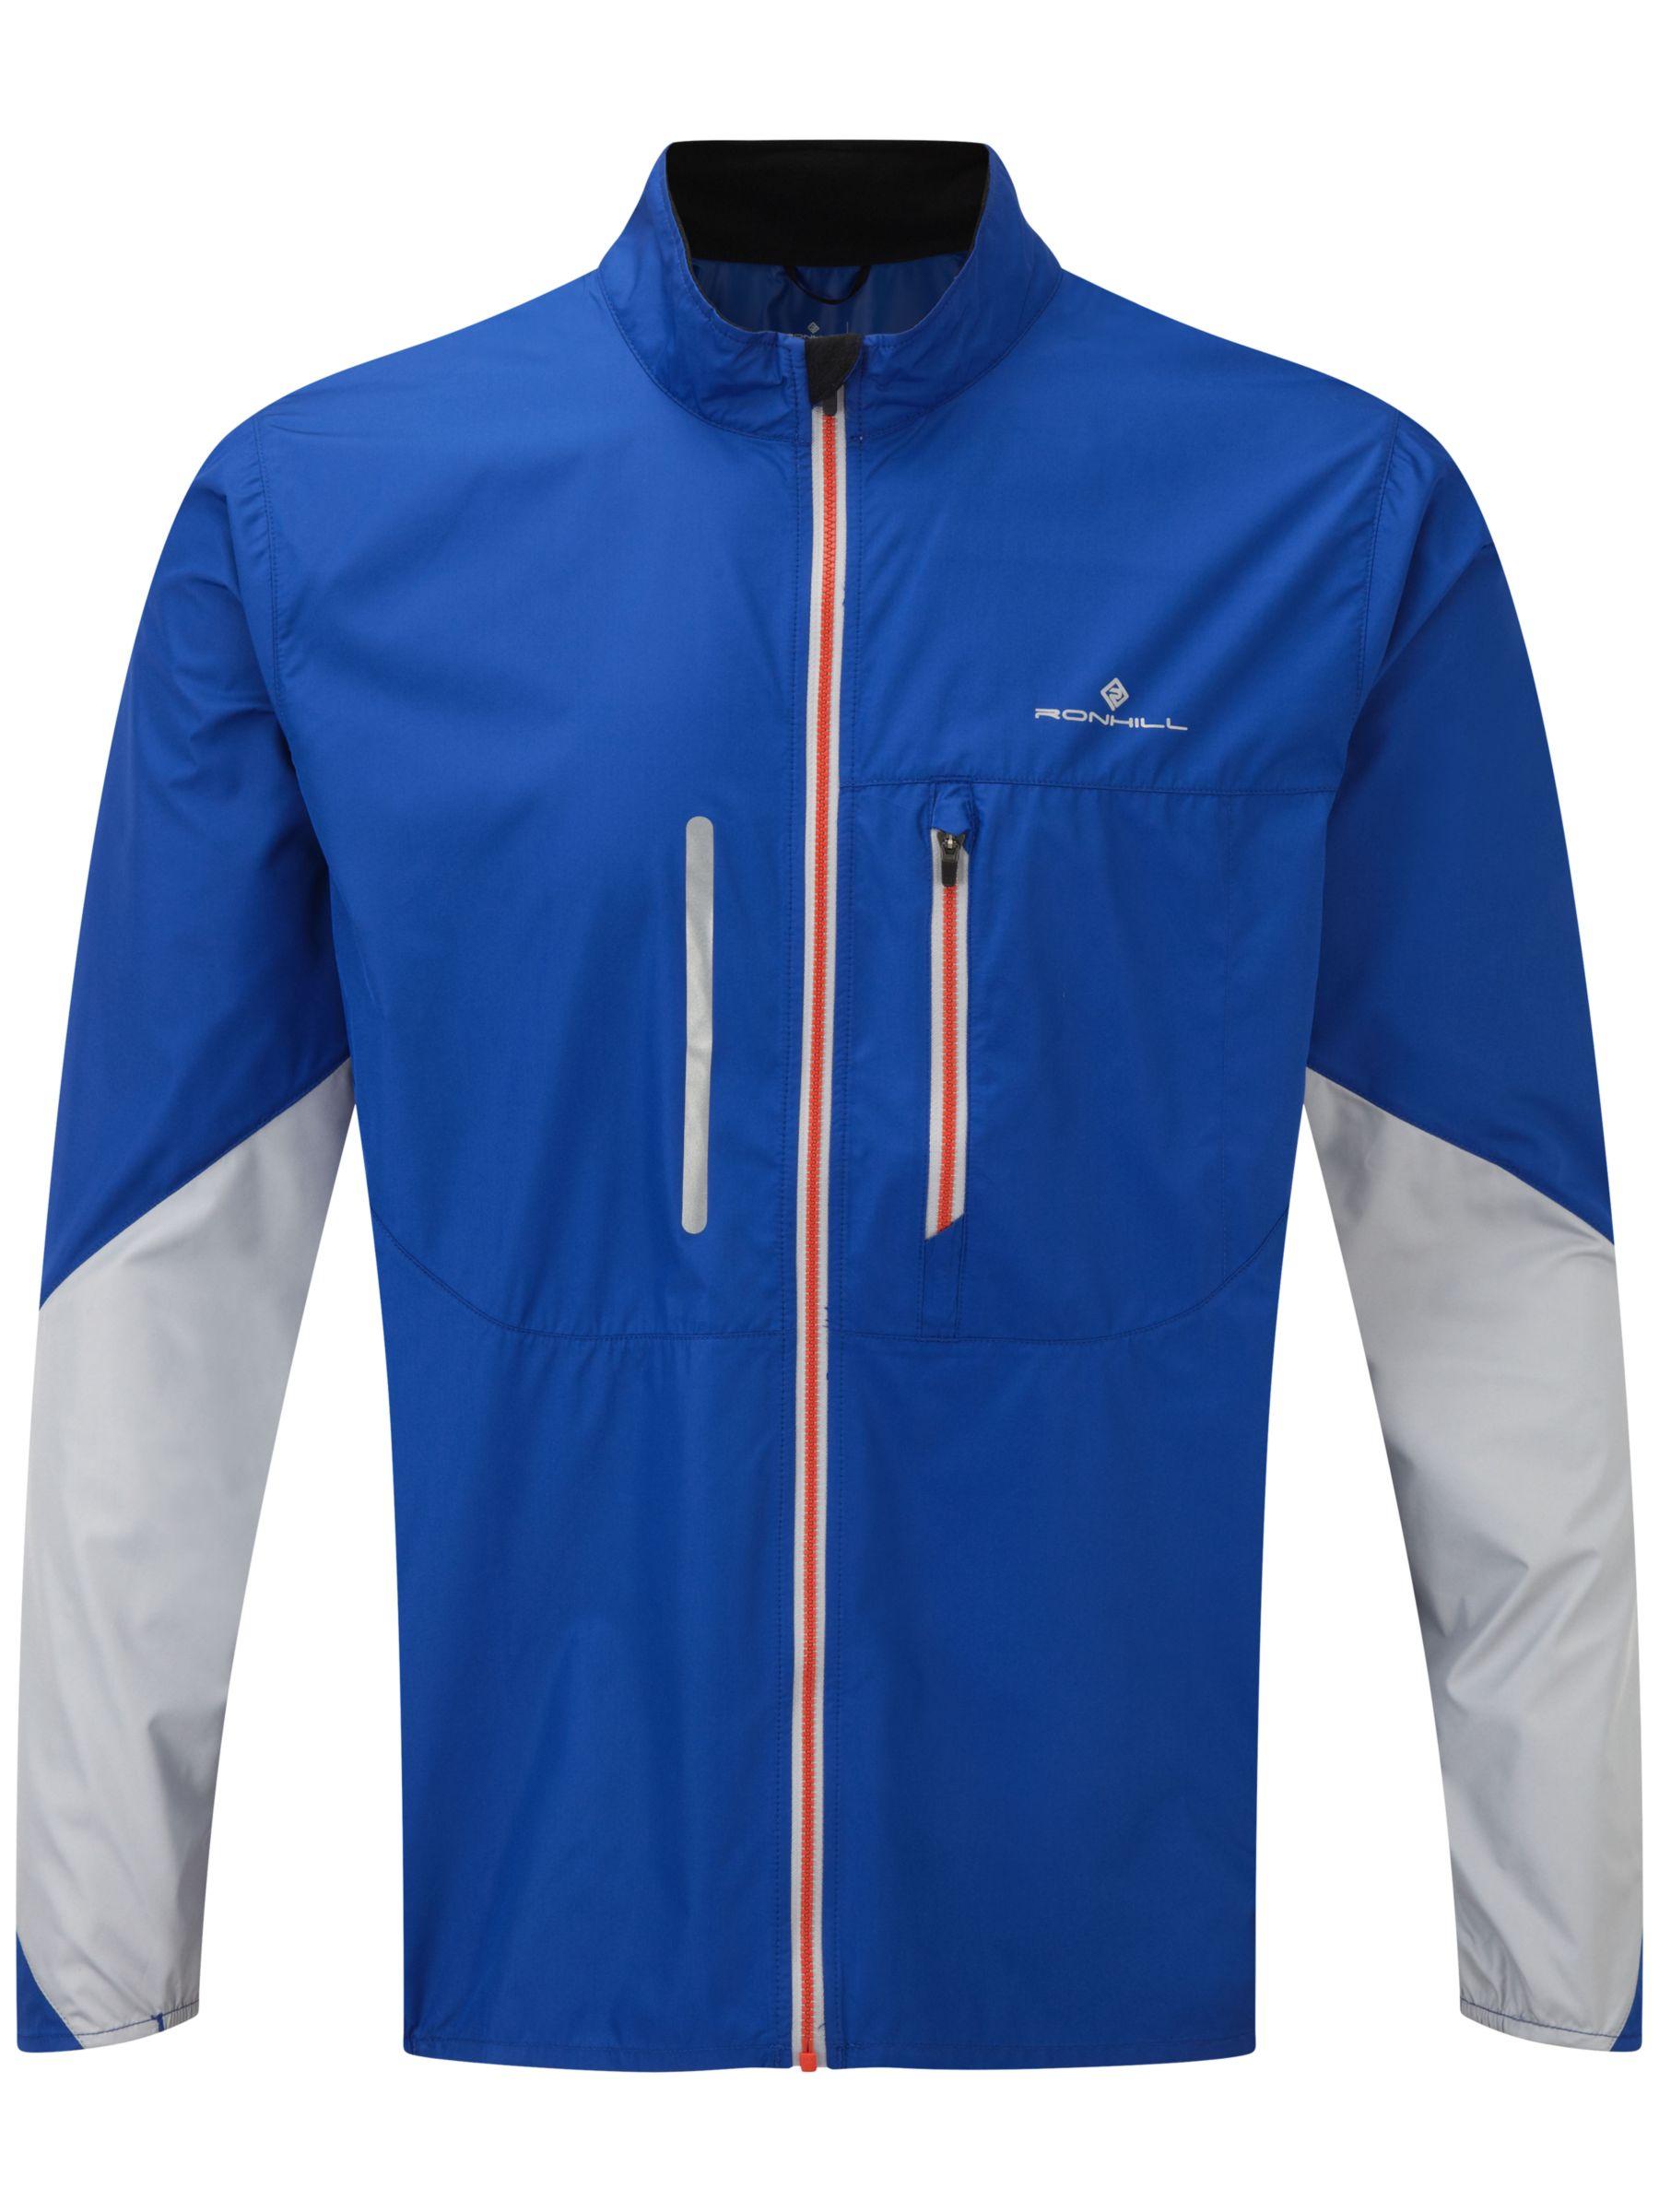 Ronhill Ronhill Stride Windspeed Men's Running Jacket, Blue